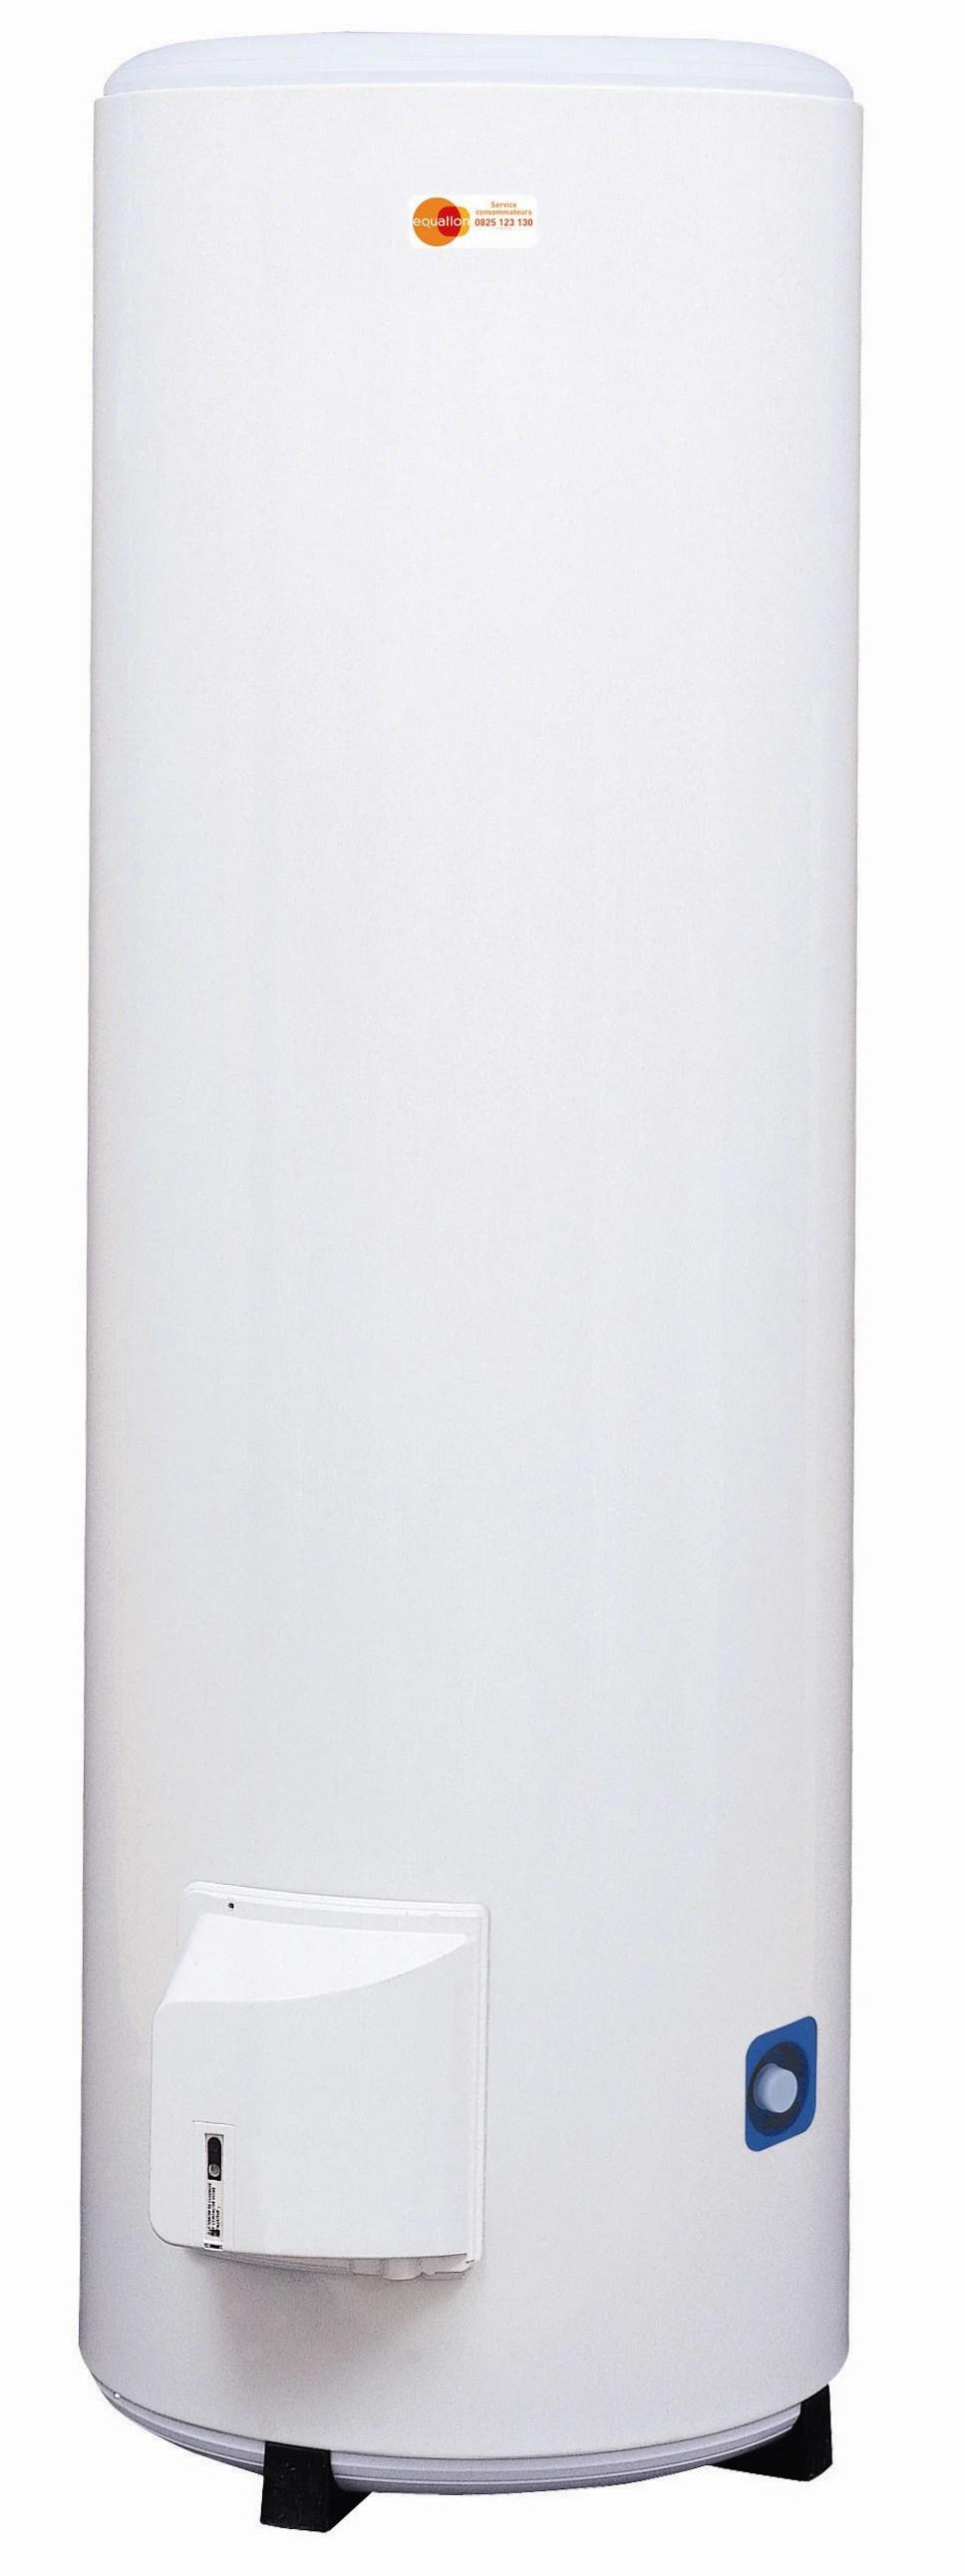 Chauffe Eau Electrique Vertical Sur Socle Equation Titane Electronique 200 L Leroy Merlin